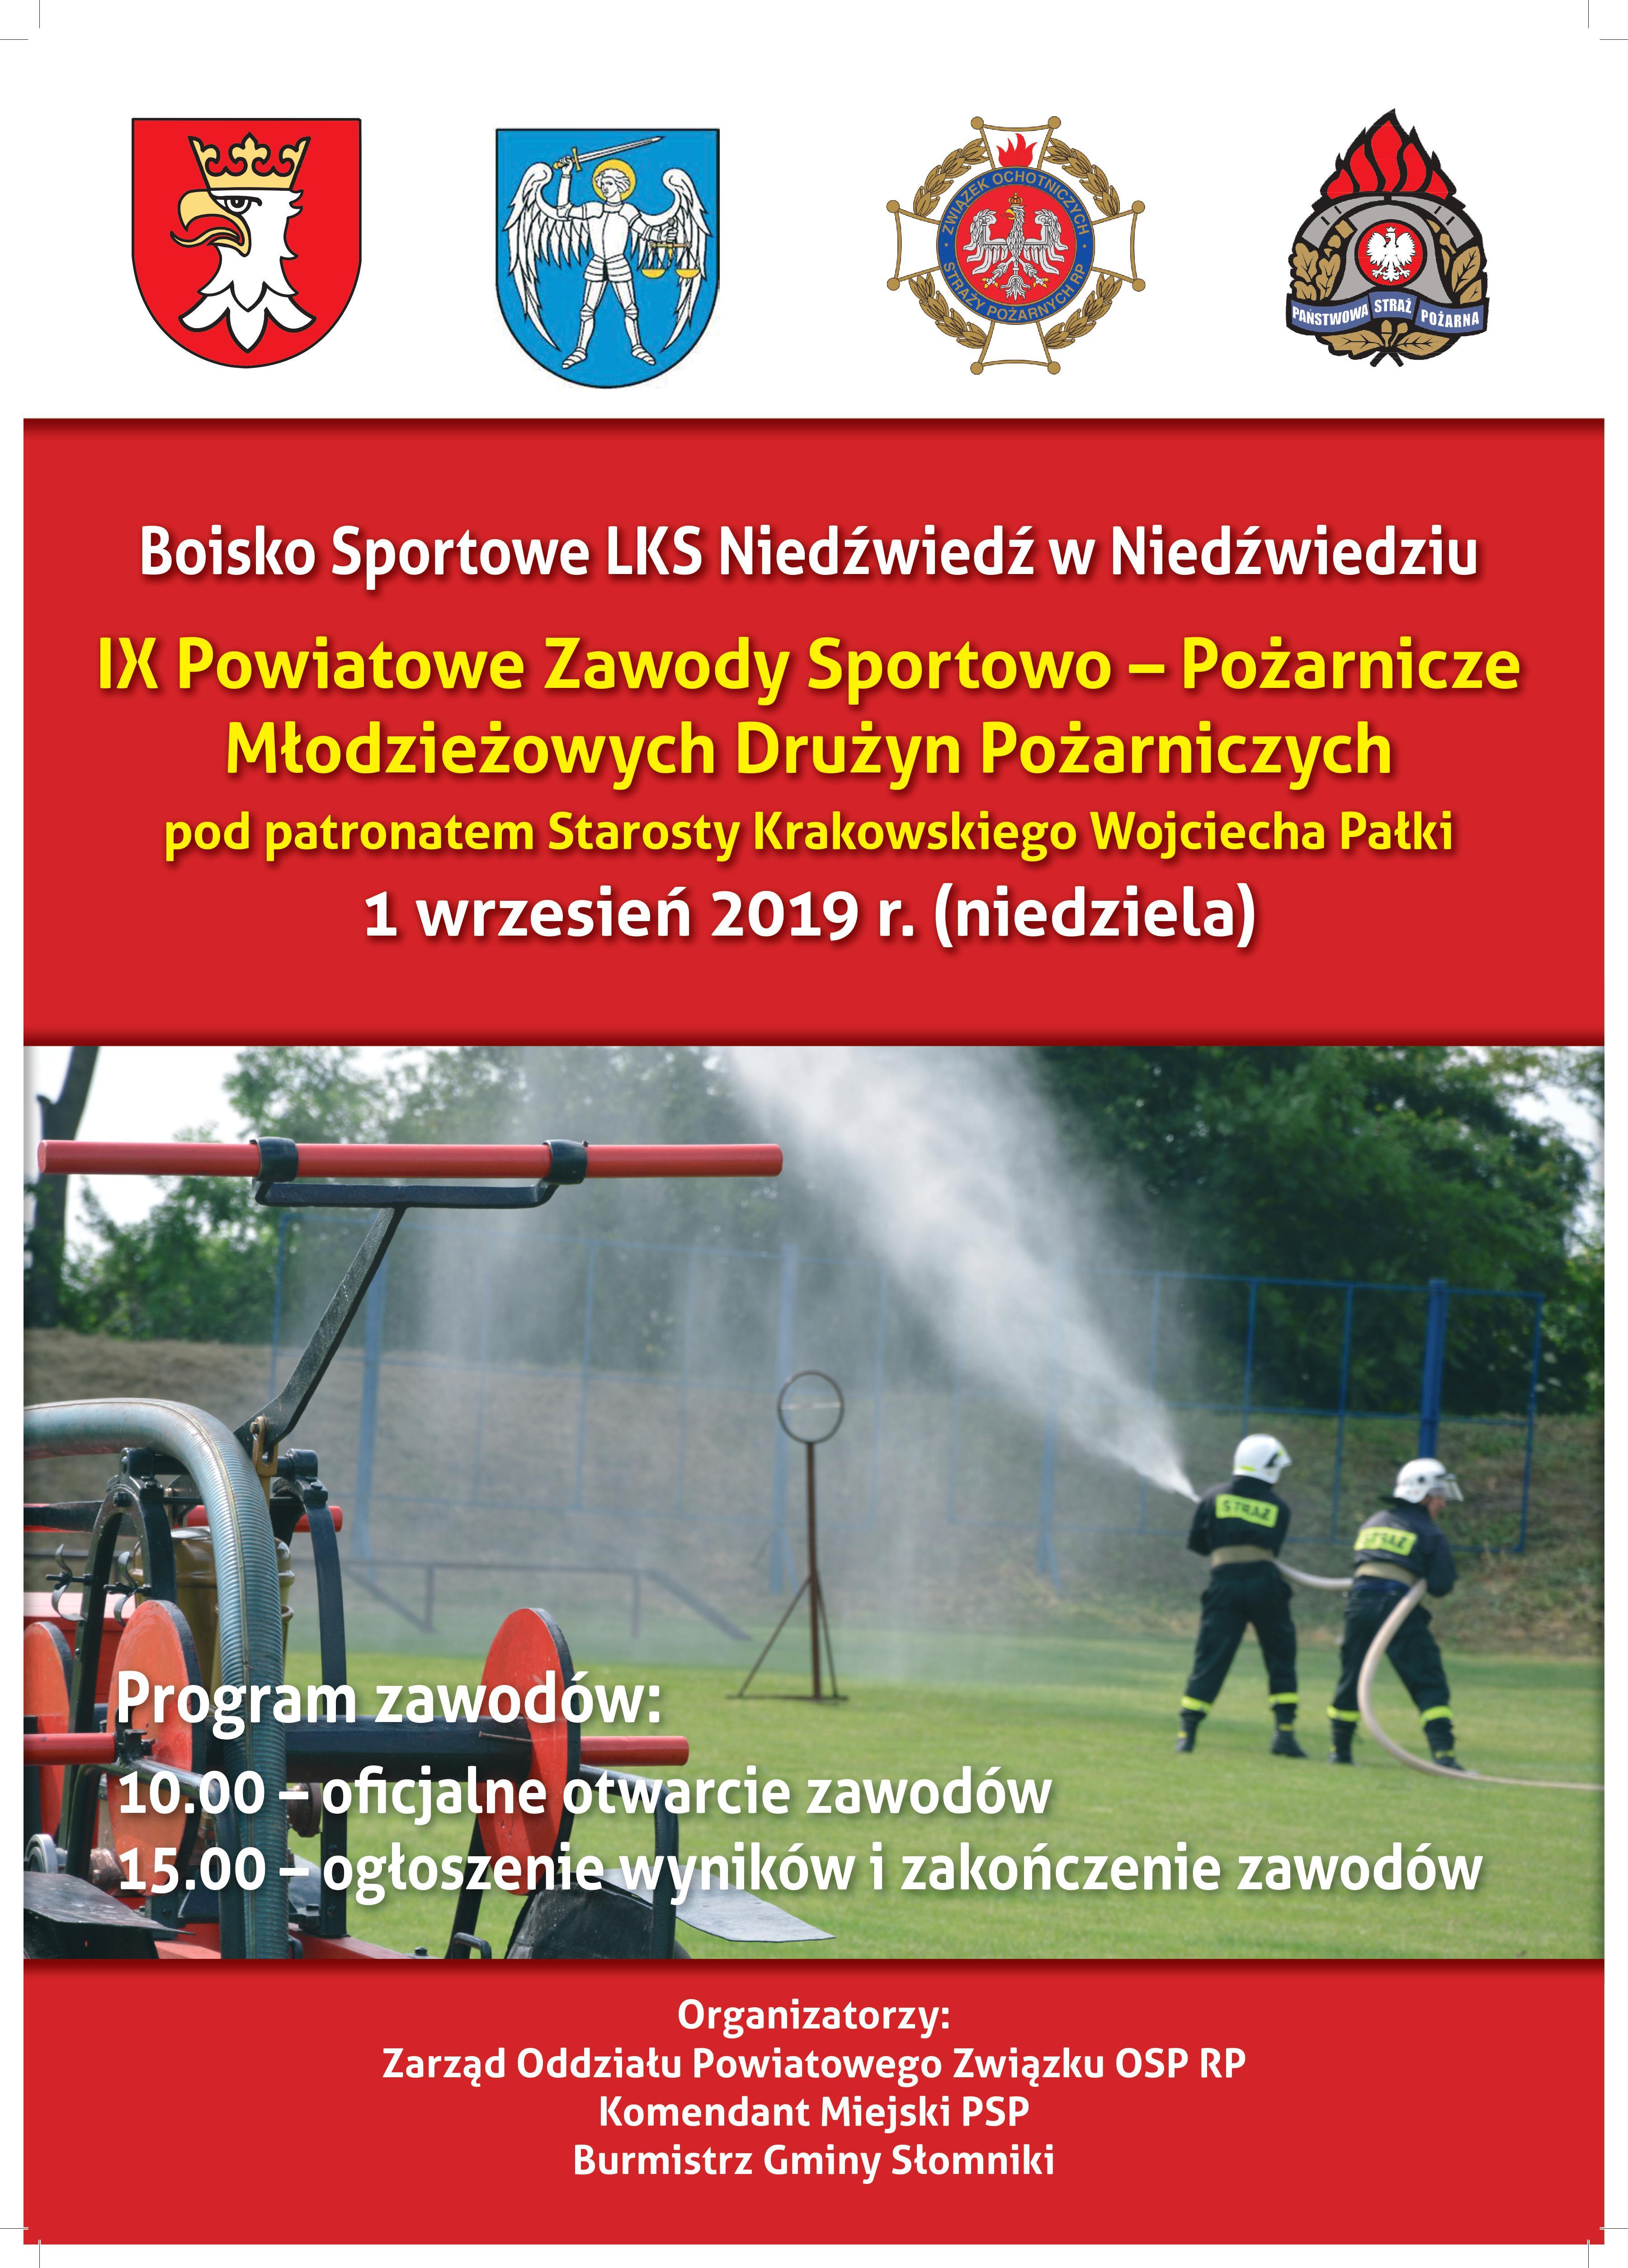 IX Powiatowe Zawody Sportowo-Pożarnicze Młodzieżowych Drużyn Pożarniczych @ Boisko Sportowe LKS Niedźwiedź | Słomniki | małopolskie | Polska